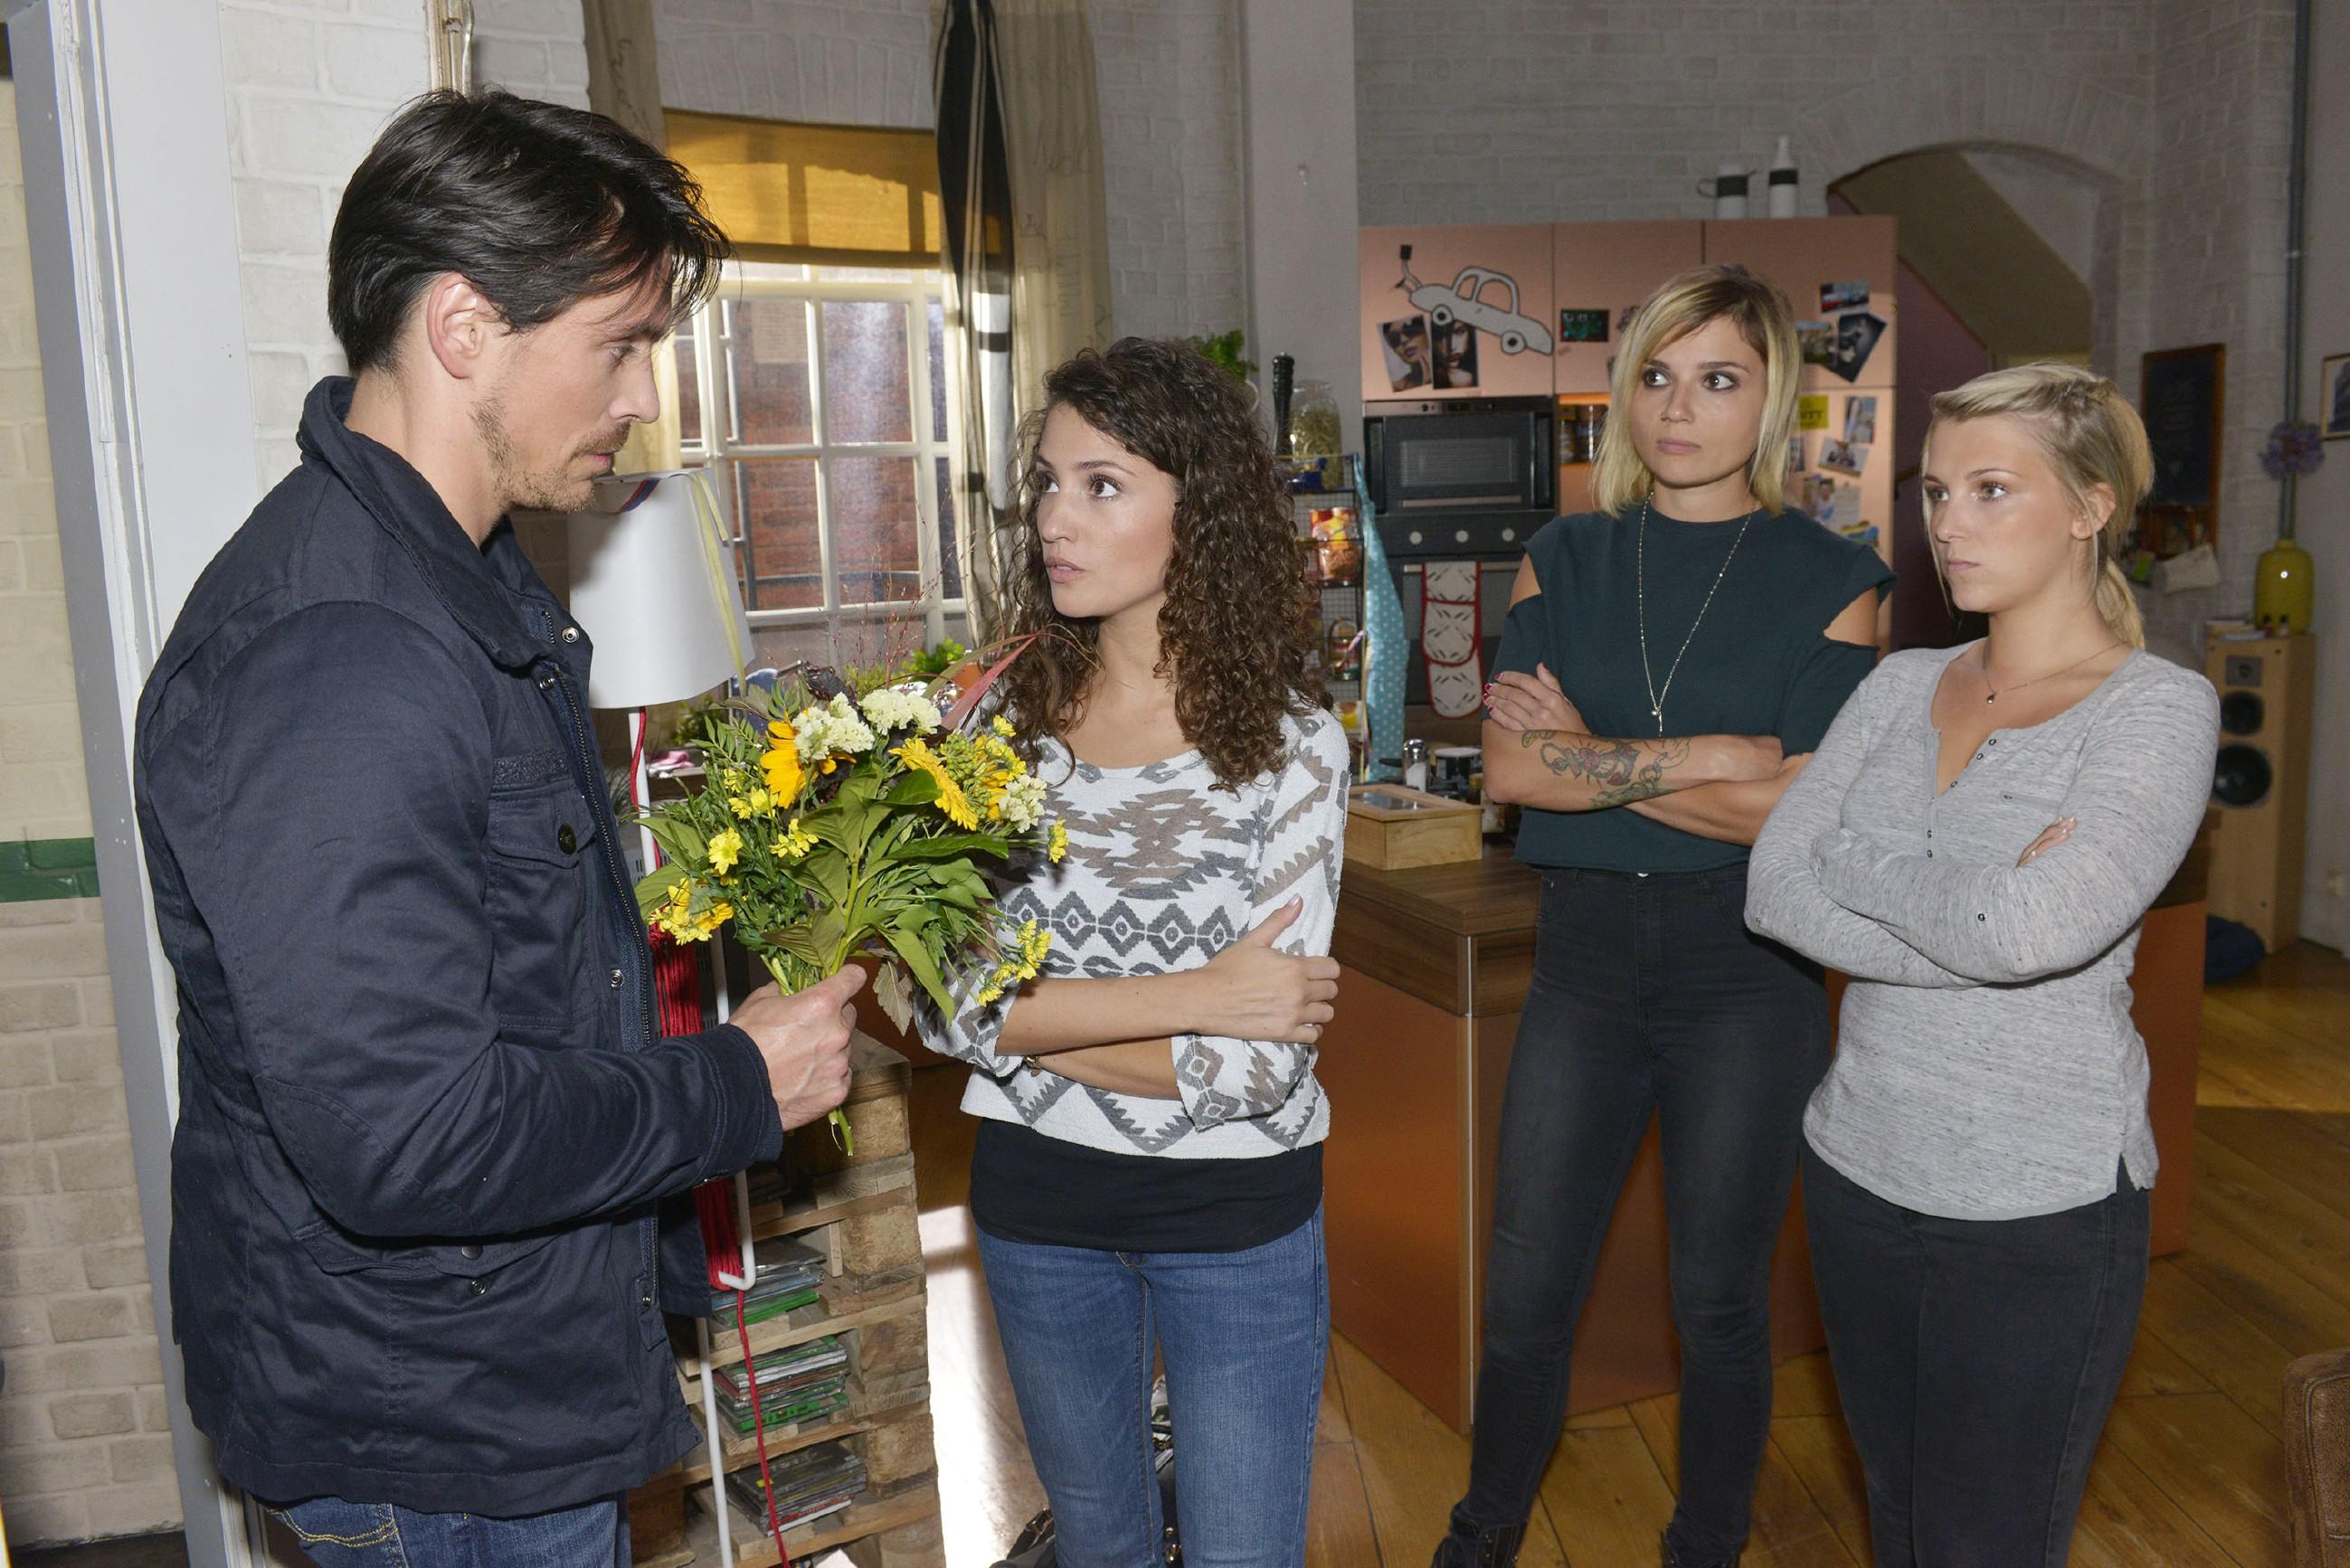 David (Philipp Christopher) sucht verzweifelt die Aussprache mit Ayla (Nadine Menz, 2.v.l.), doch die bleibt im Beisein von Anni (Linda Marlen Runge, 2.v.r.) und Lilly (Iris Mareike Steen) bei ihrem Entschluß: Es ist aus!